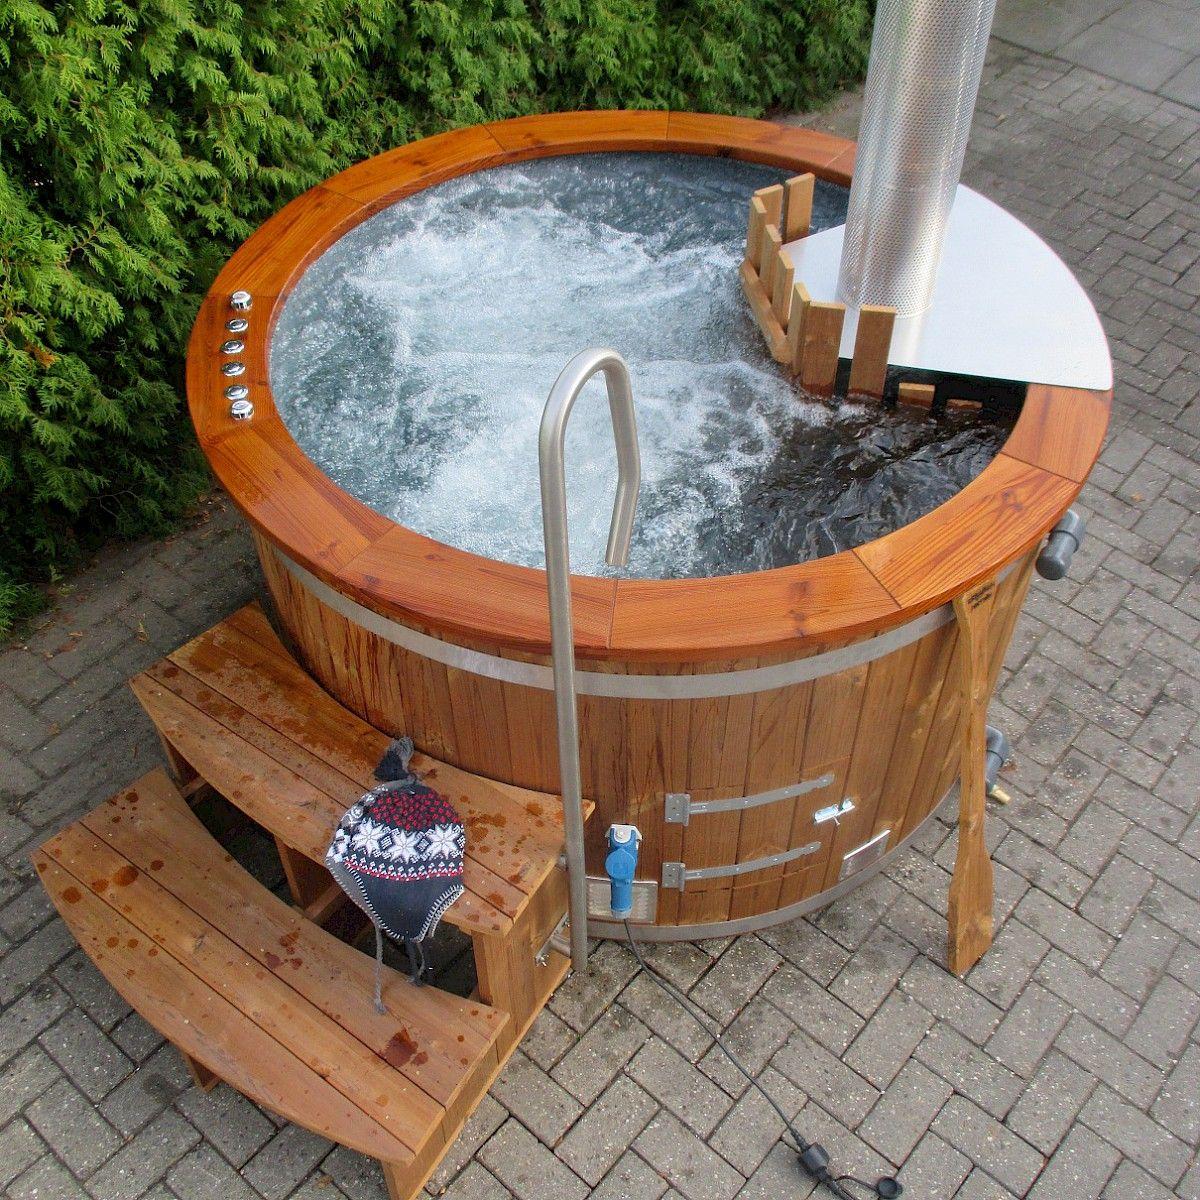 Full Size of Garten Whirlpool Lounge Set Schaukelstuhl Pool Guenstig Kaufen Brunnen Im Kandelaber Gewächshaus Bewässerungssysteme Aufblasbar Klettergerüst Garten Garten Whirlpool